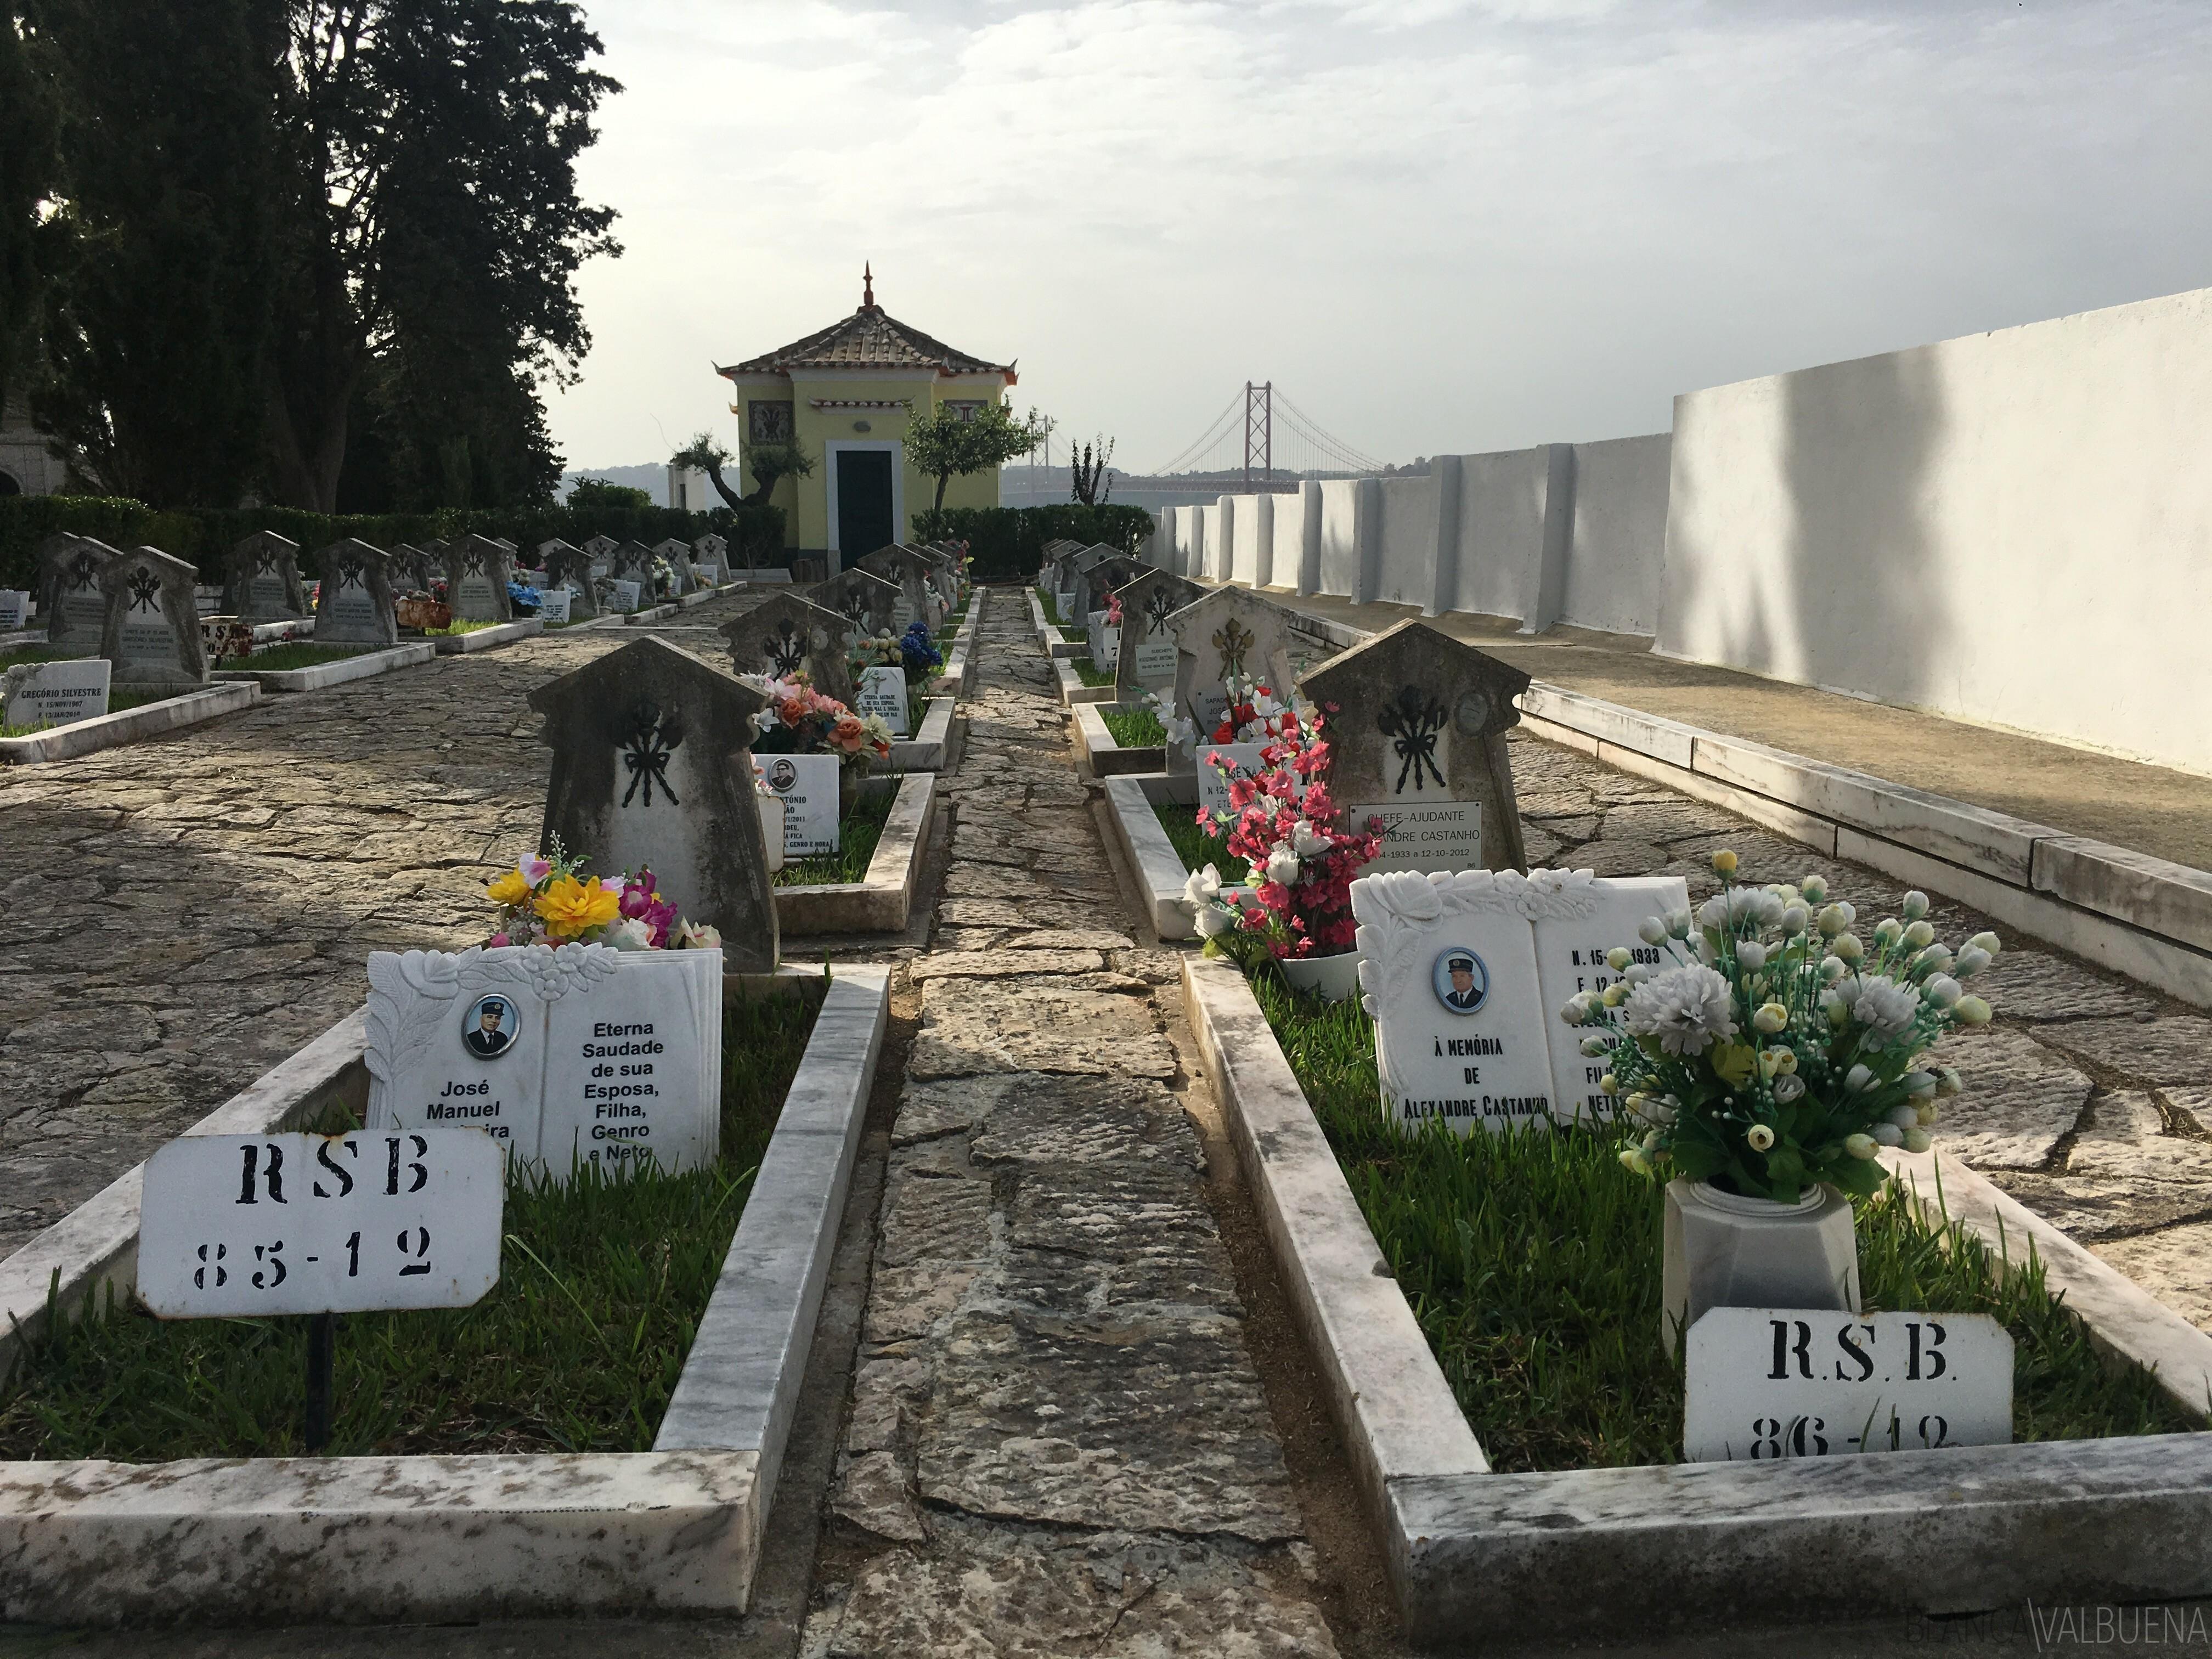 Bombeiro cemitério de Lisboa